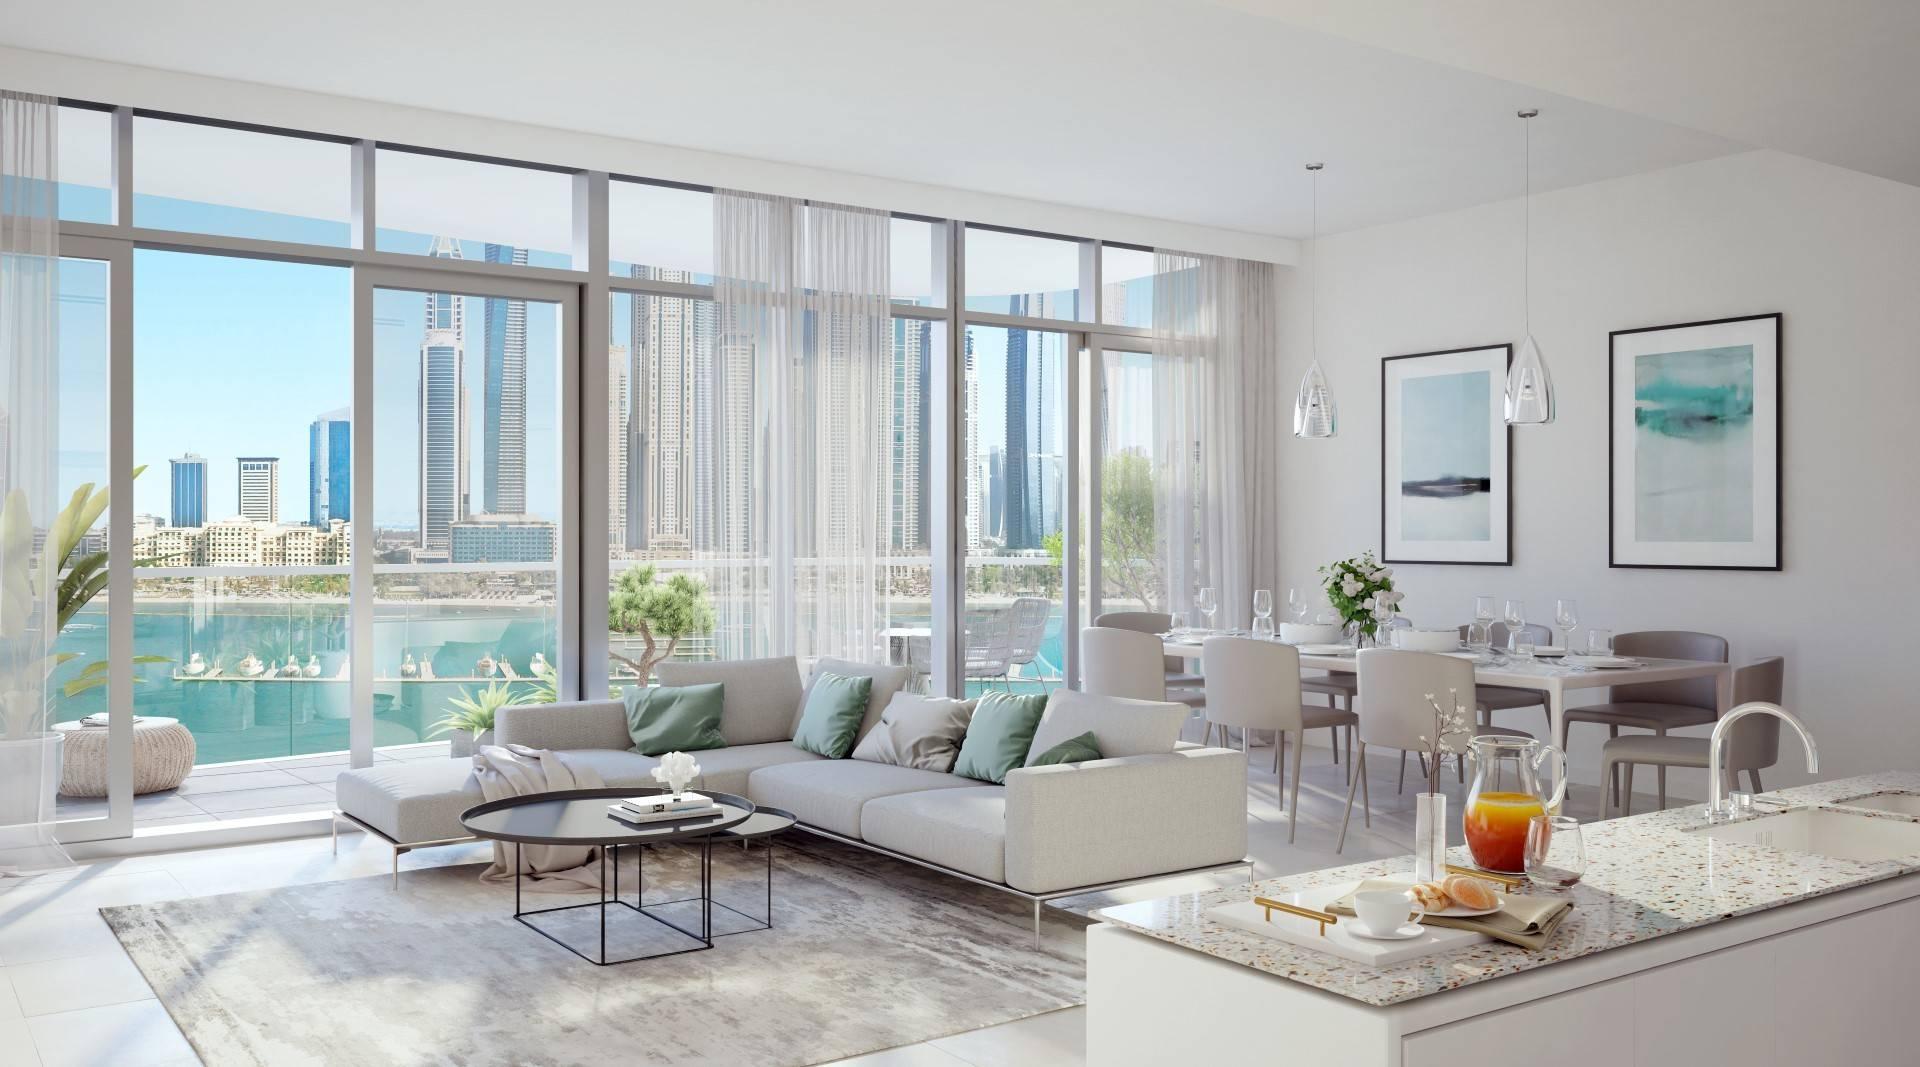 Апартаменты, sale в Marina Vista Дубай, ОАЭ